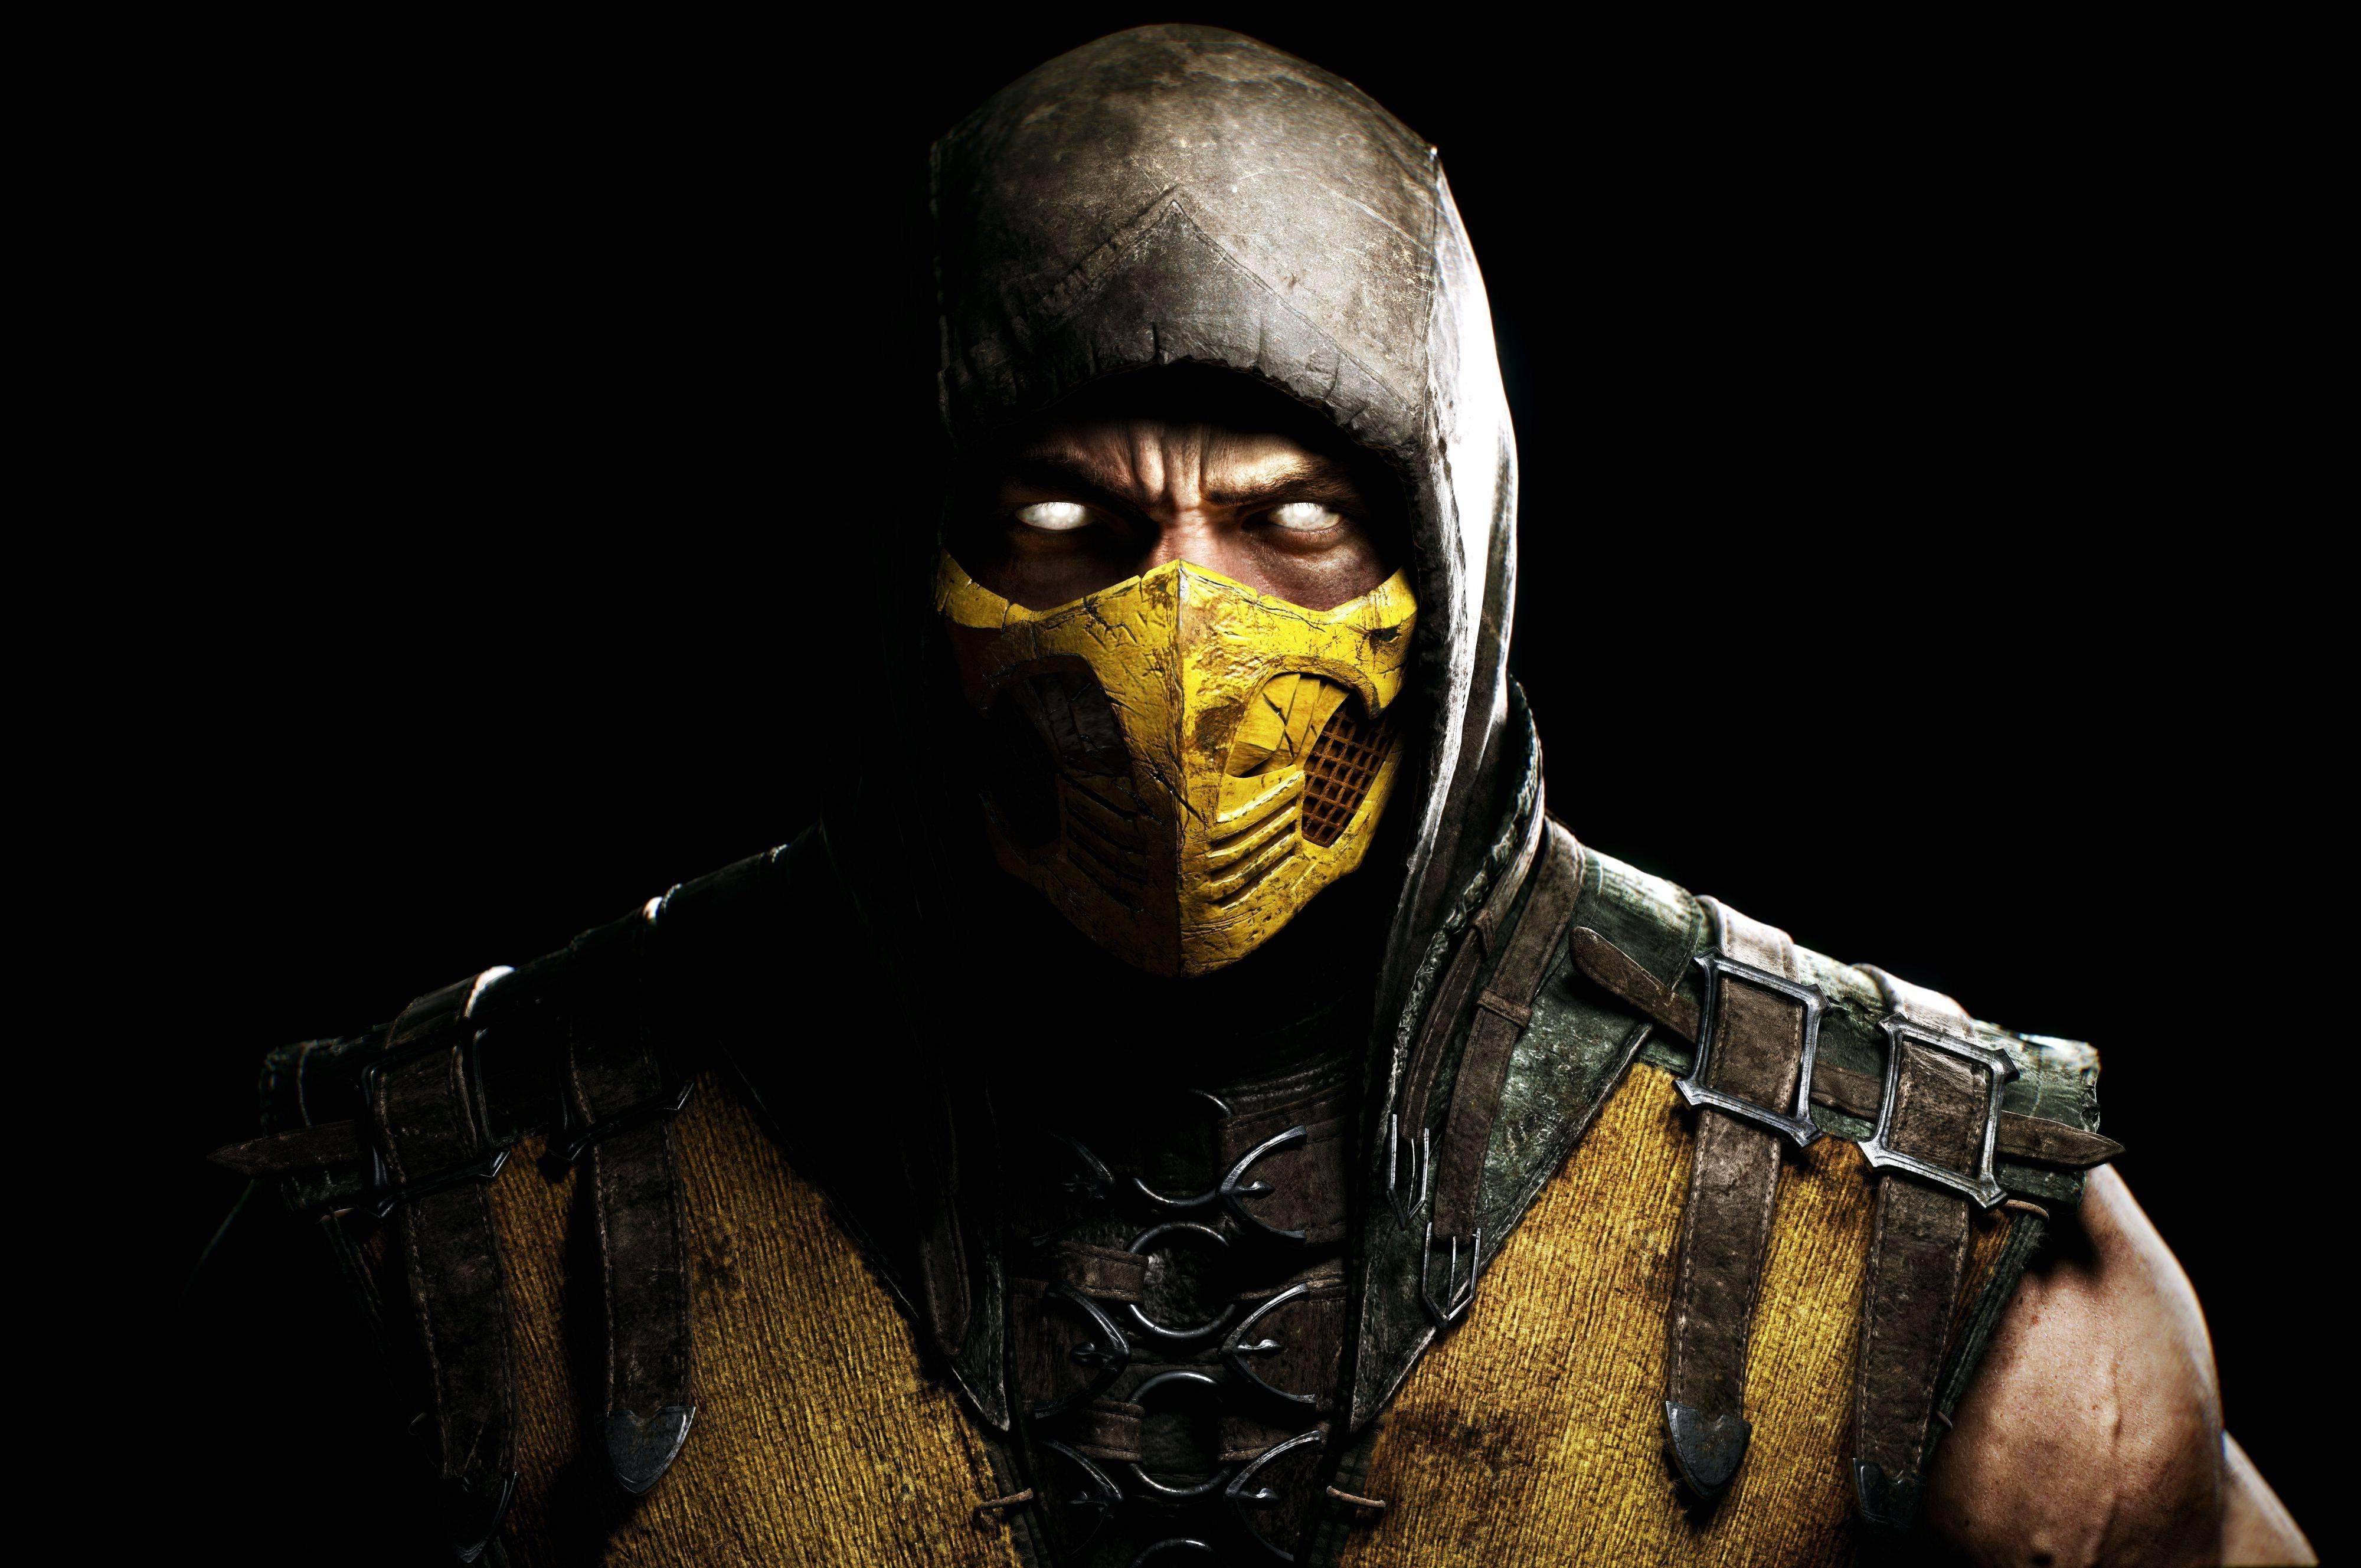 Free download Mortal Kombat Scorpion